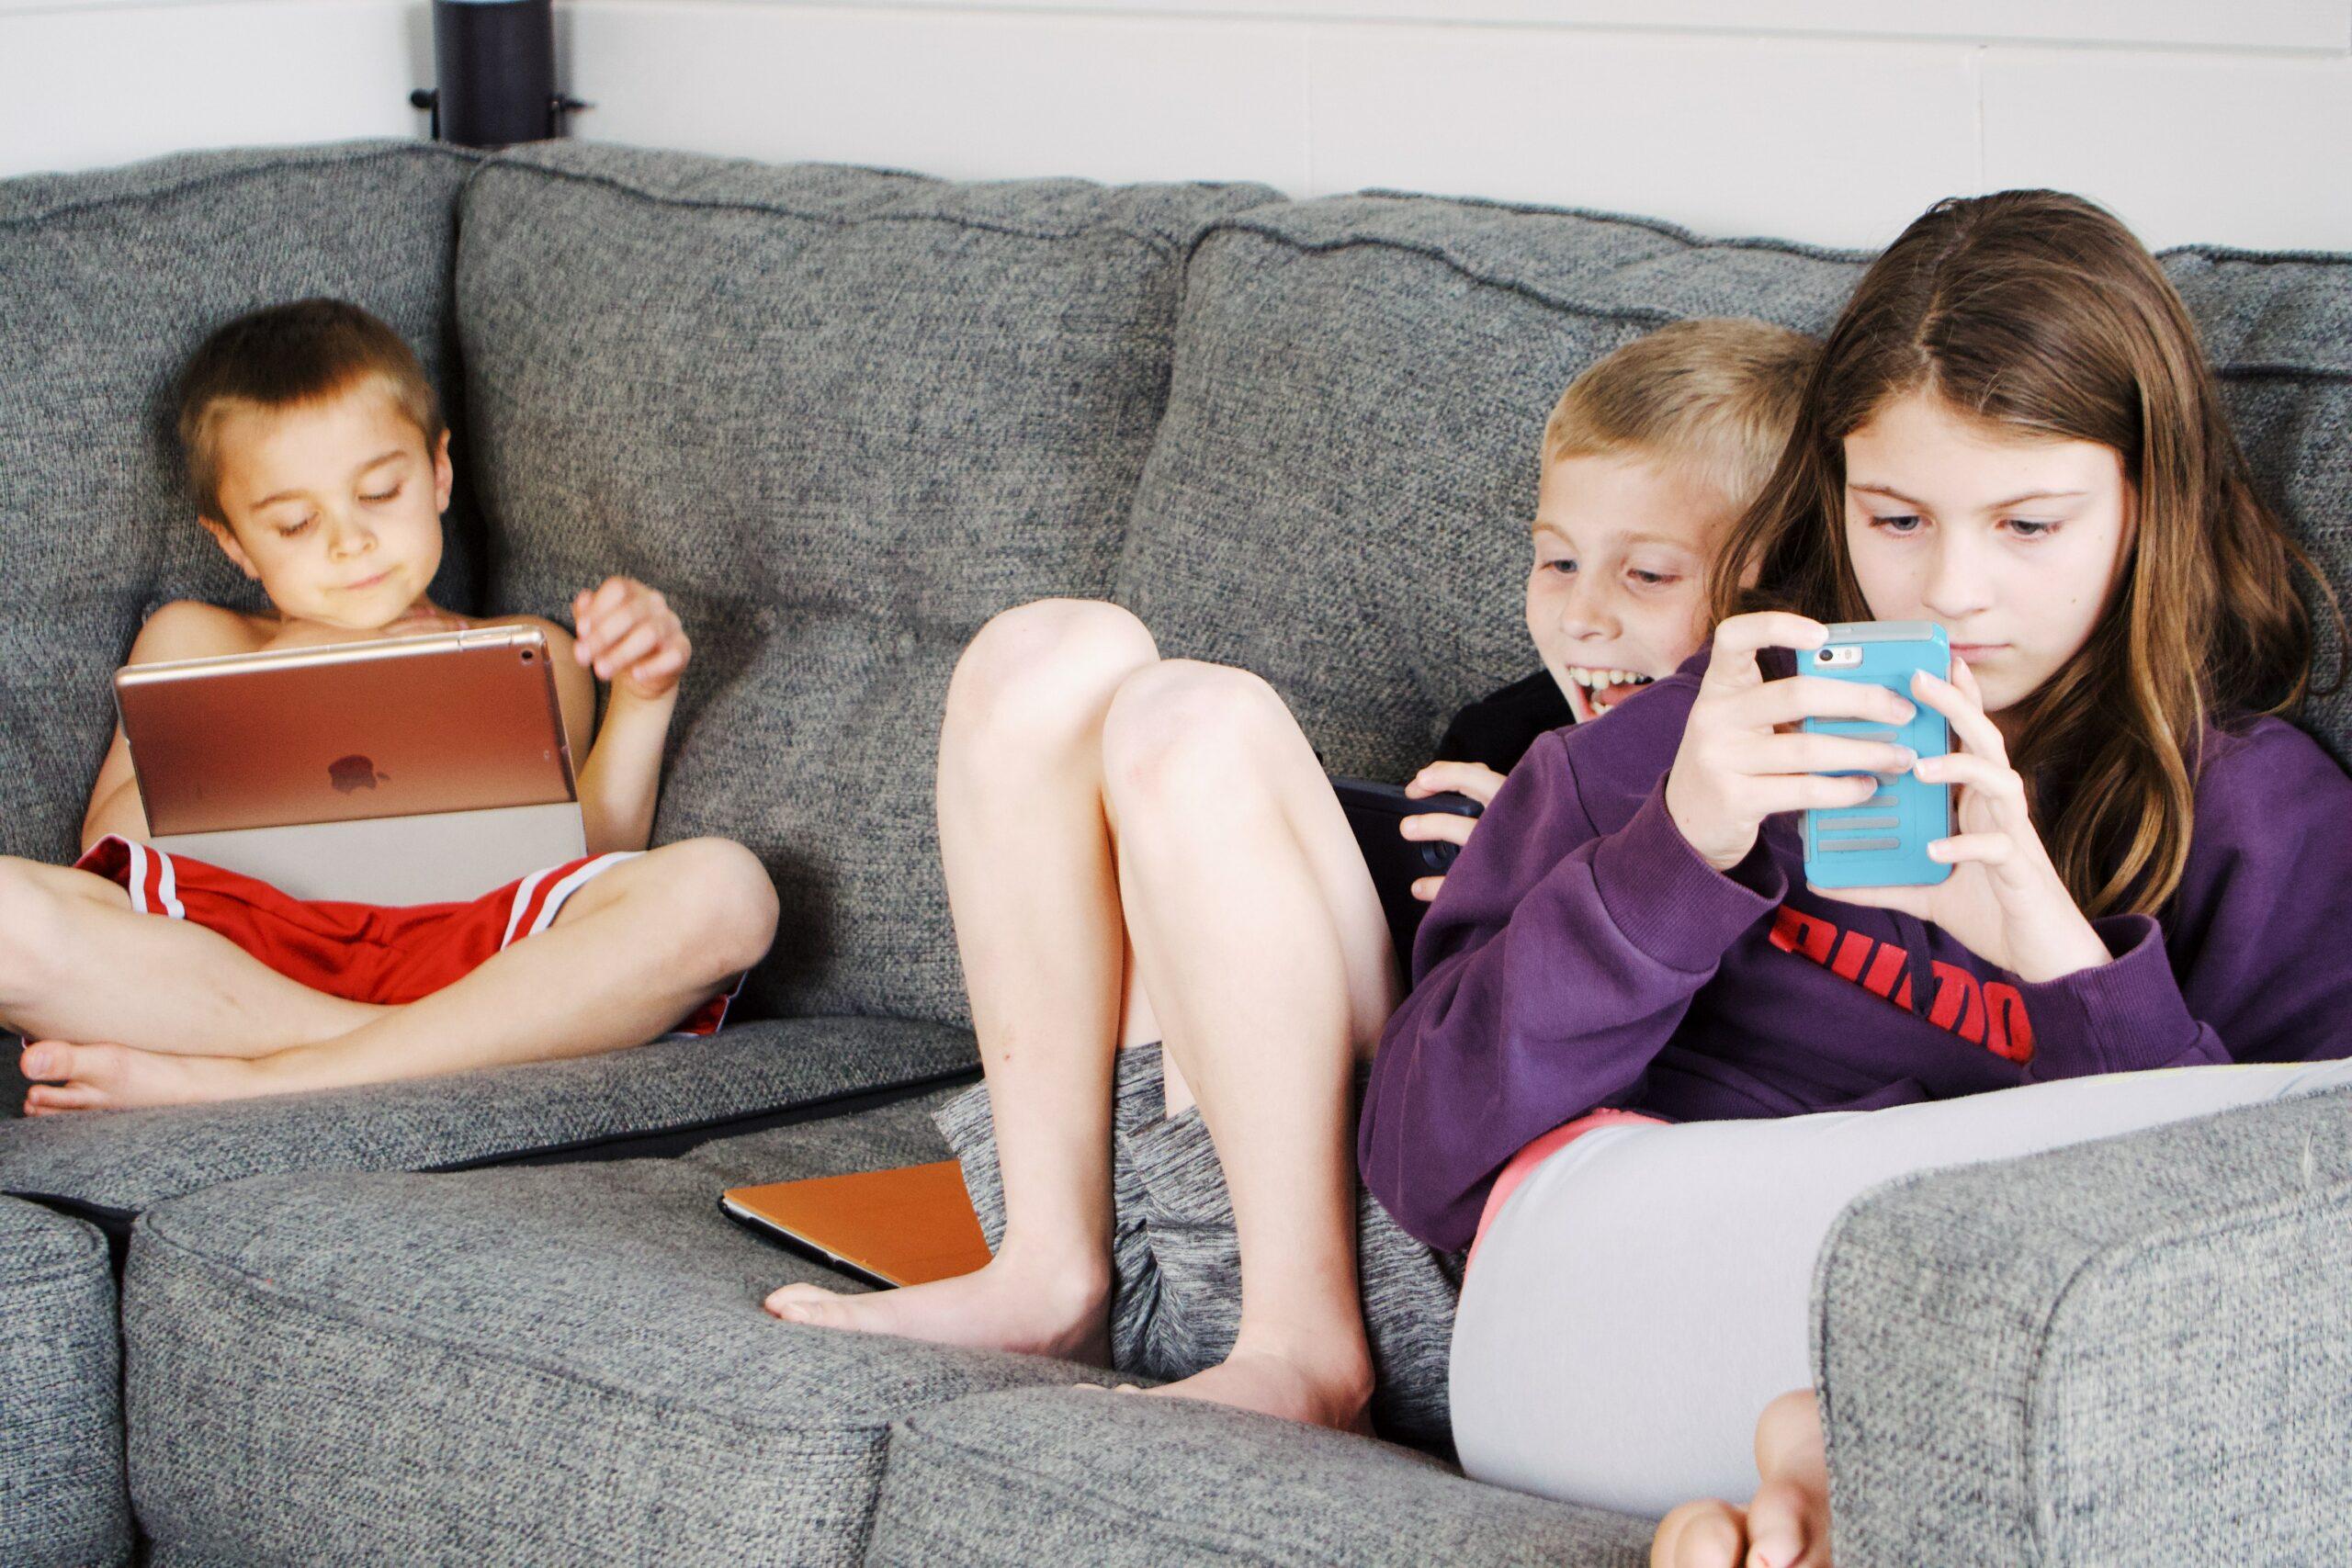 kids on phone